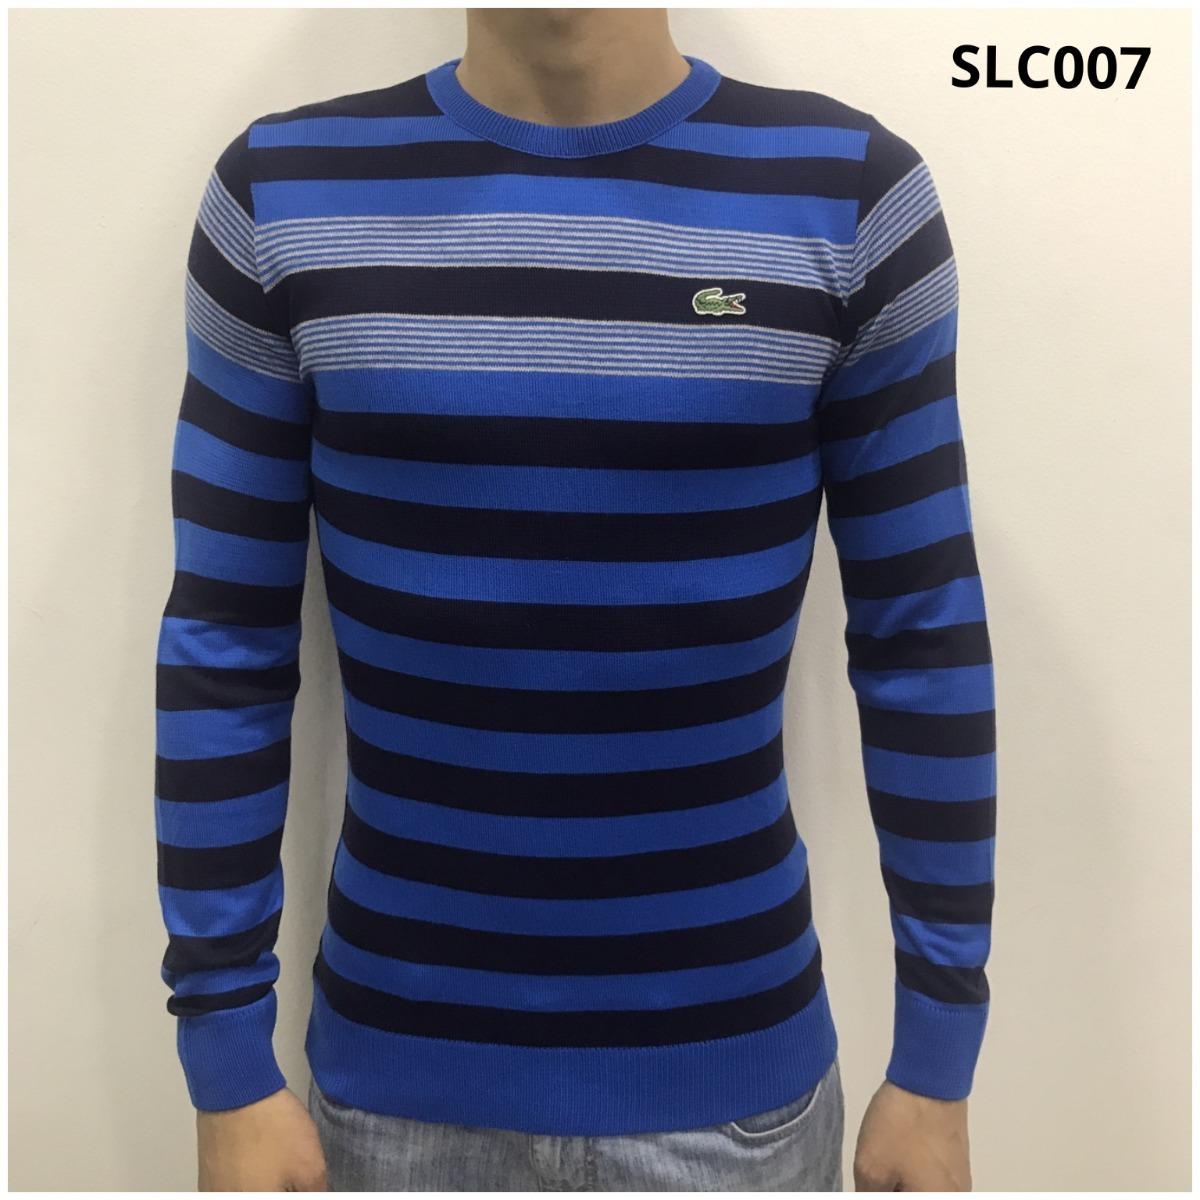 8c0724b2925cc tricot lacoste original   promoção   sergio k   original. Carregando zoom.